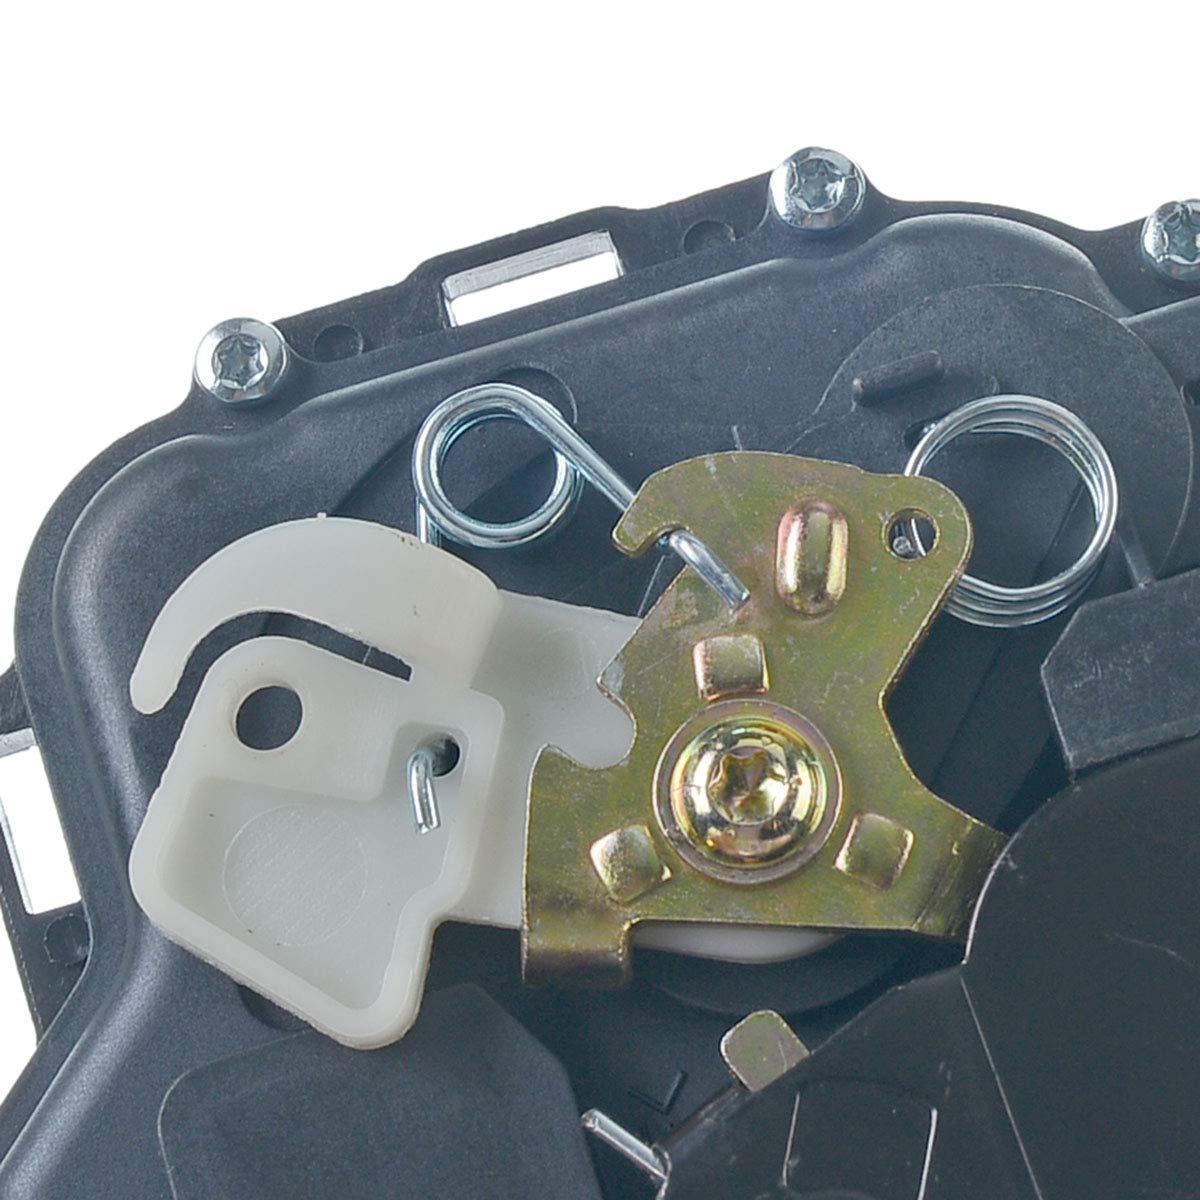 Puerta candado Cerradura Motor de nivelaci/ón Cierre centralizado Delantero Derecho para Polo 9/N Transporter V 7H 7E 7J Fabia I bj. 1999//–/2005